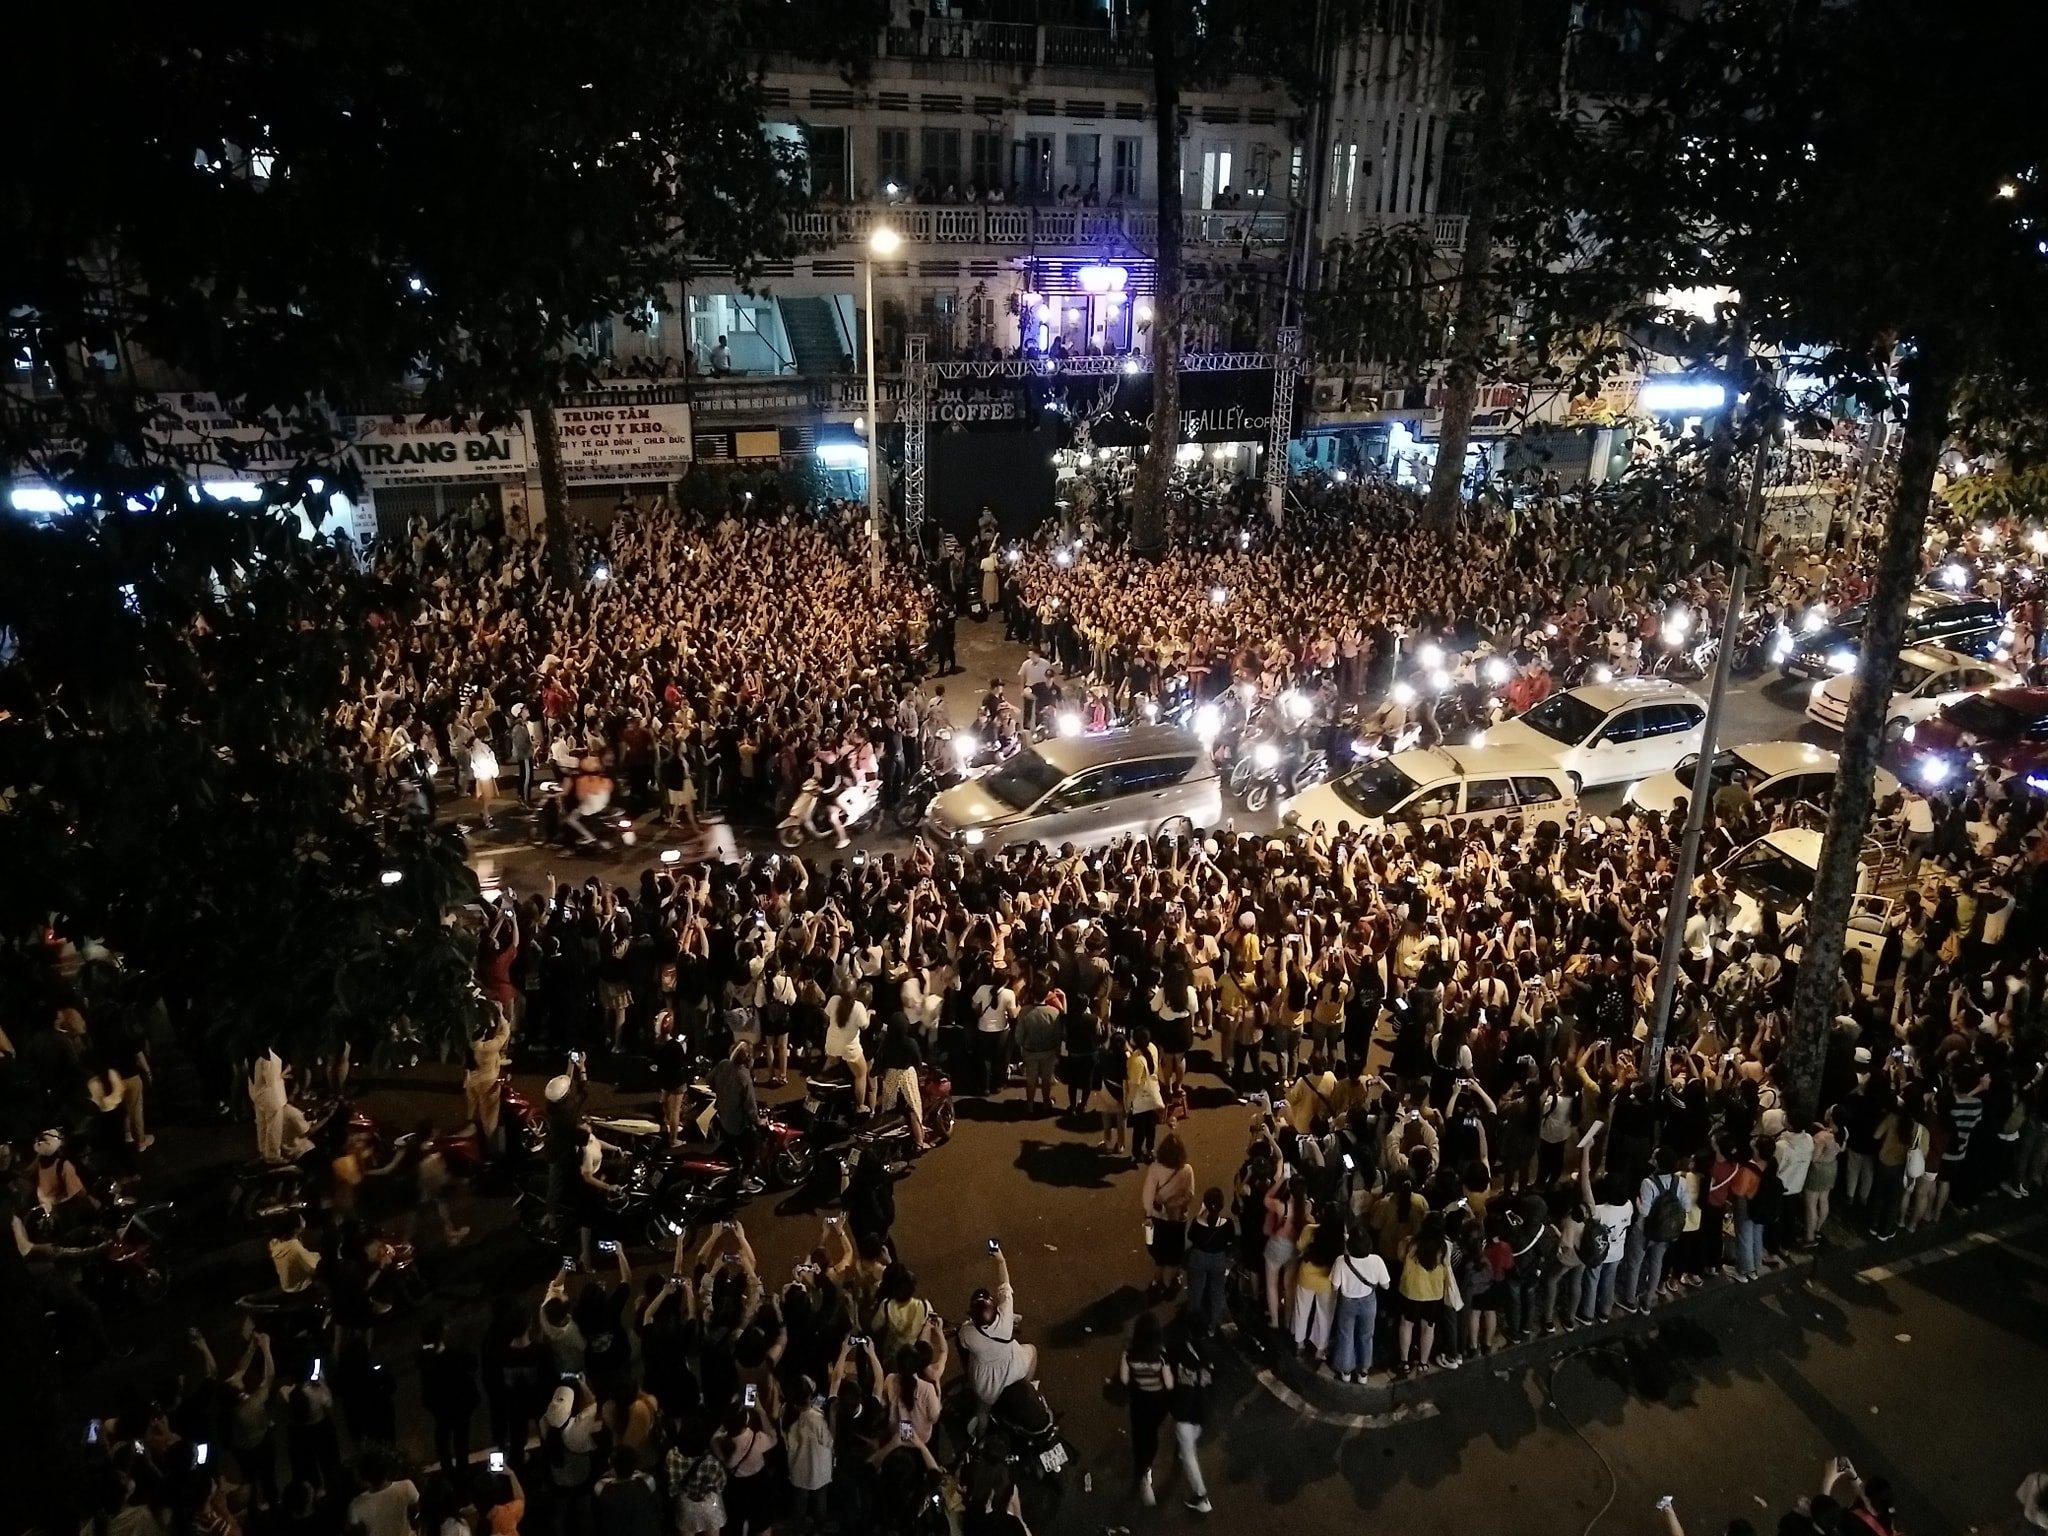 Kẹt xe, hỗn loạn vì Ji Chang Wook, cảnh sát dùng chích điện giải tán đám đông - 6